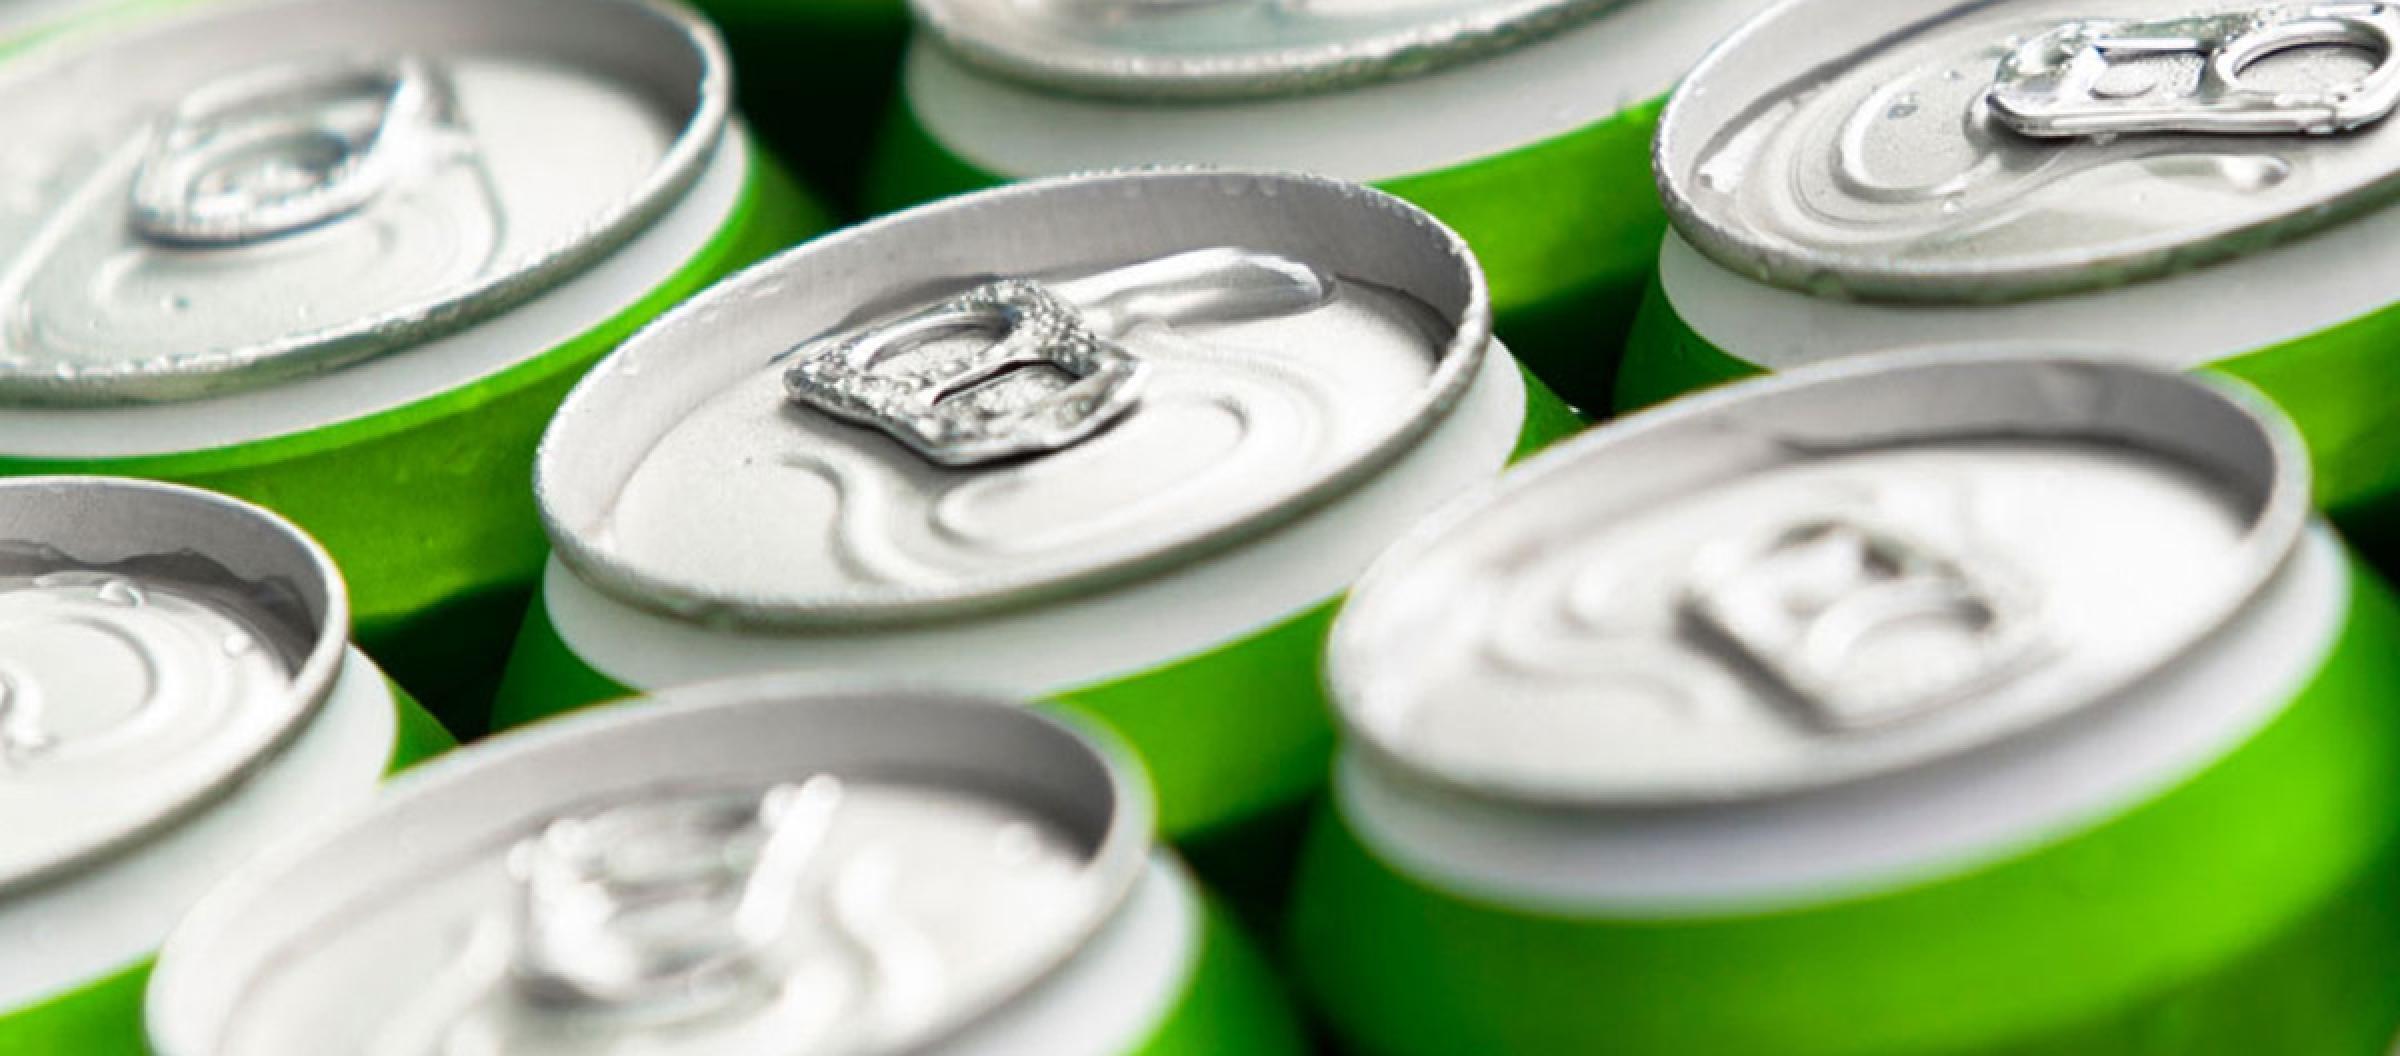 Packaging Beverages